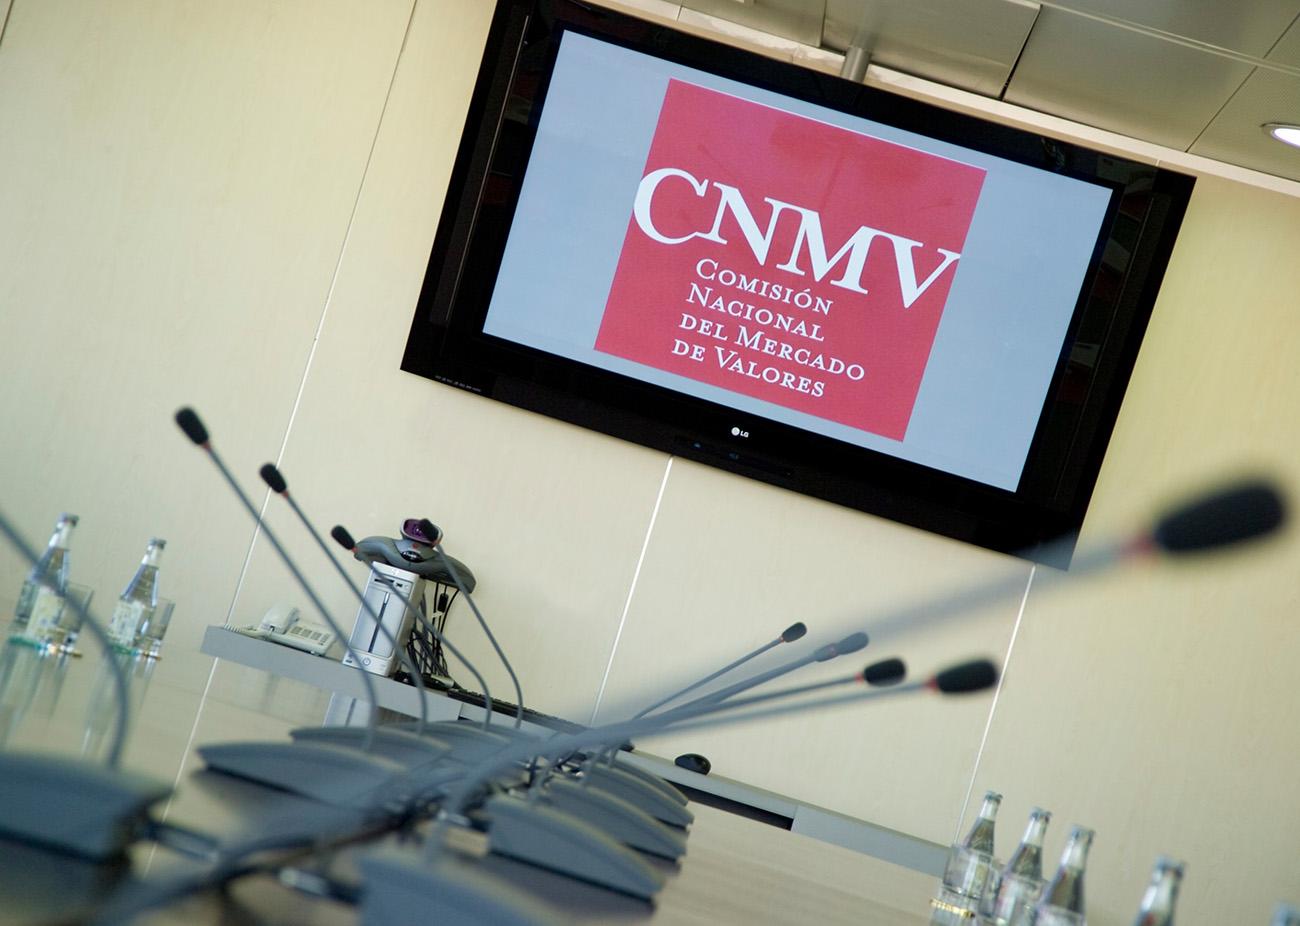 La CNMV alerta de seis 'chiringuitos financieros' en Bélgica, Chipre, Noruega y Reino Unido